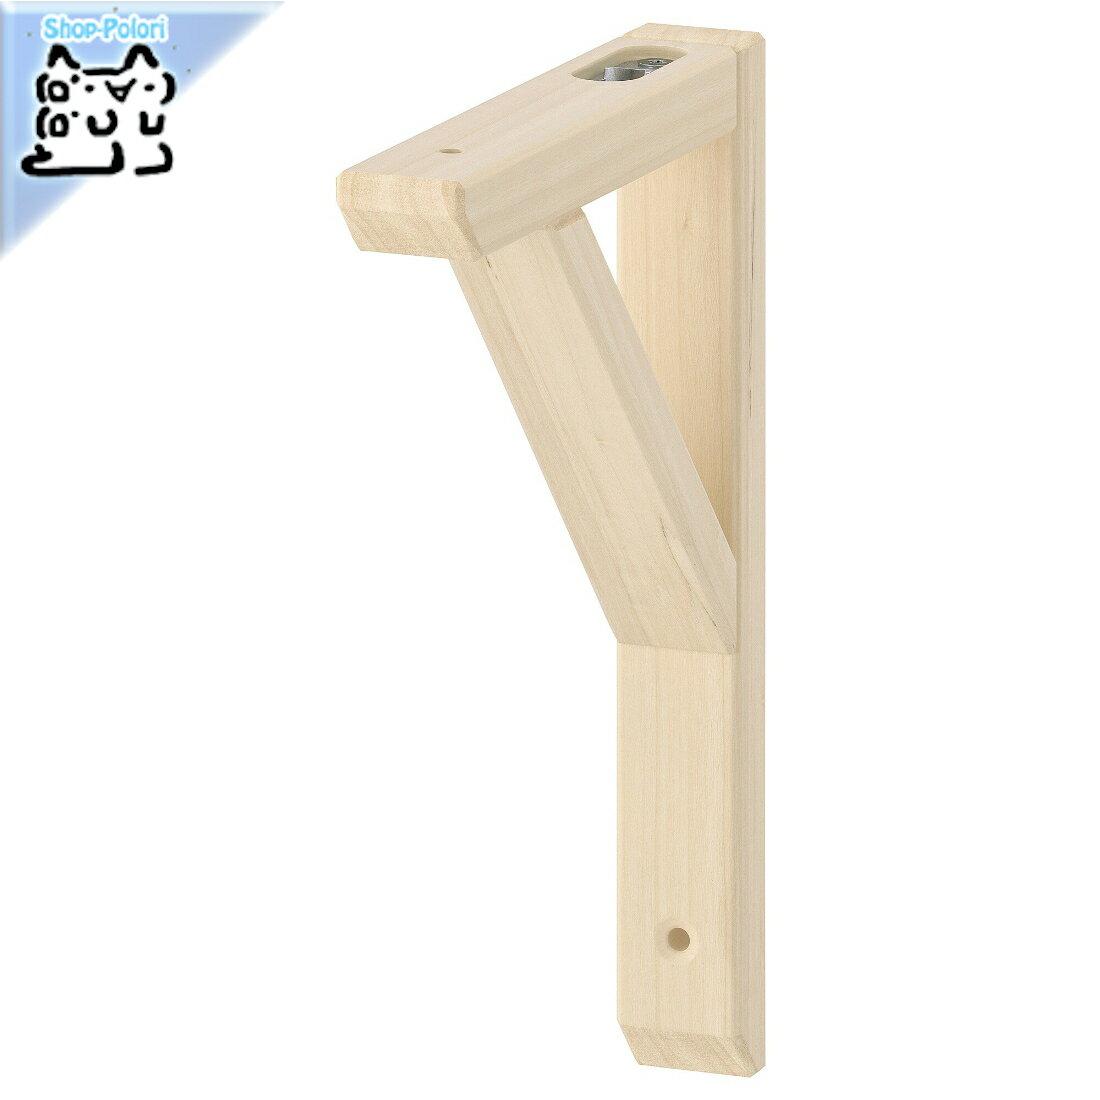 【IKEA Original】SANDSHULT -サンドスフルト- ブラケット アスペン 18x22 cm